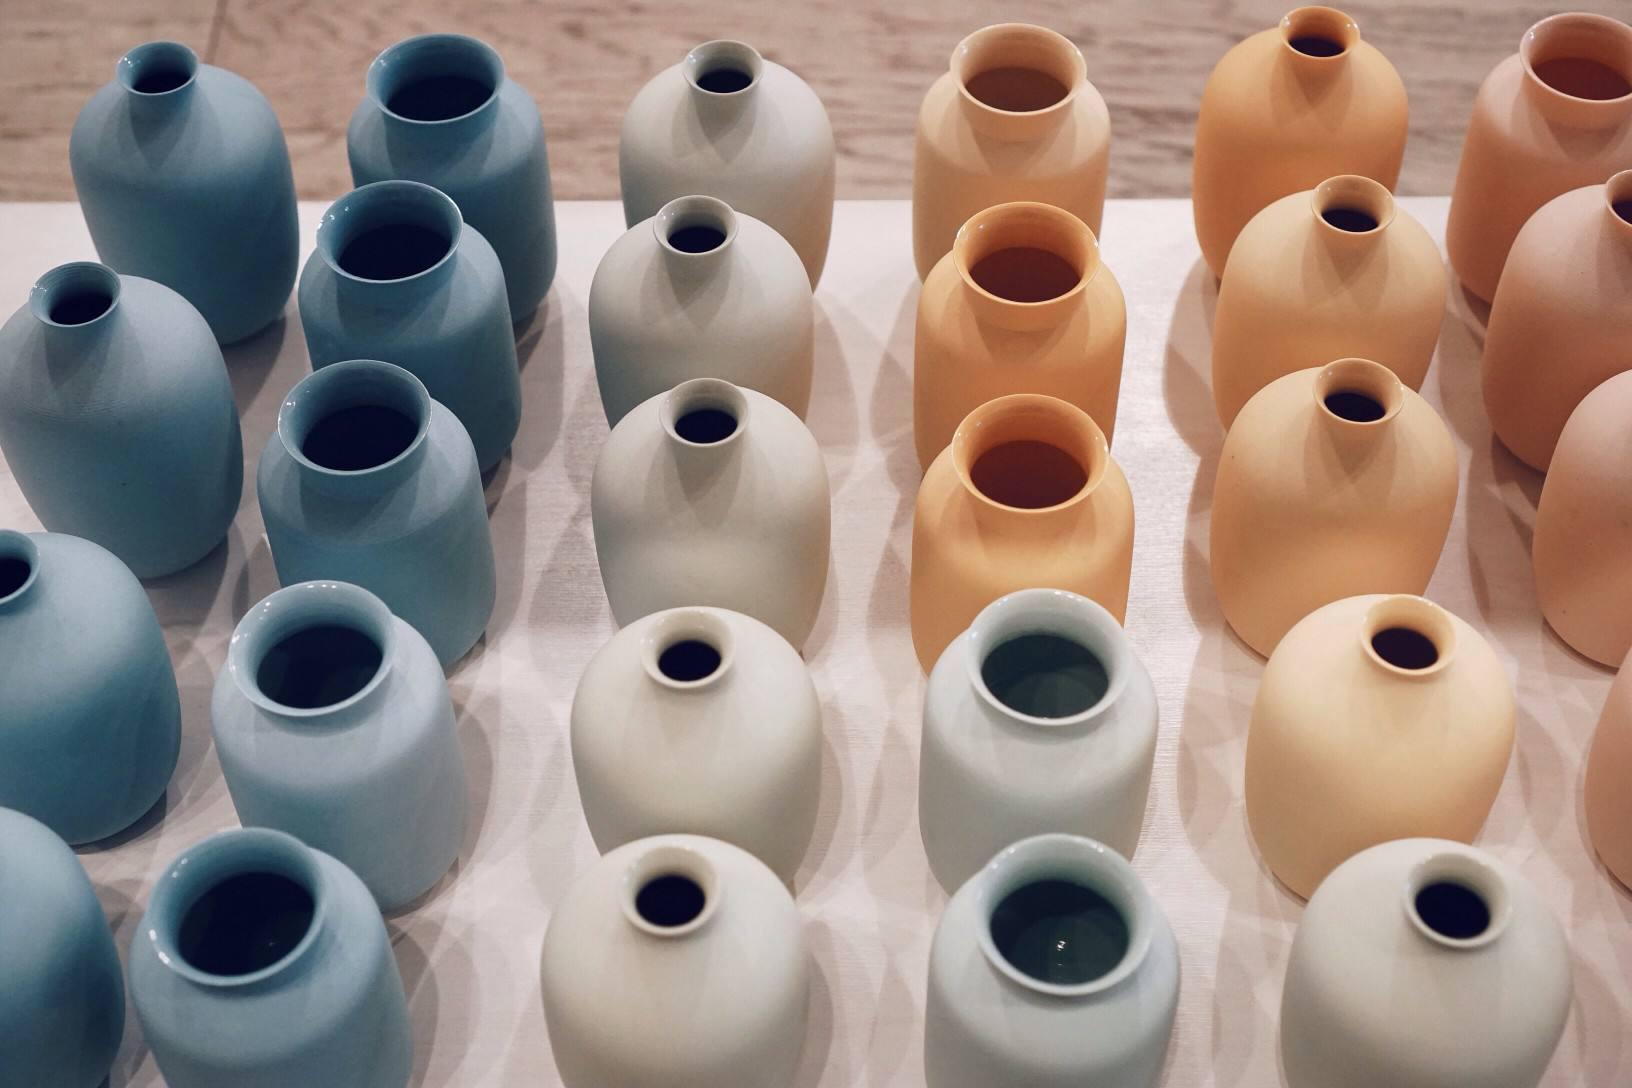 Arrangement of dozens of colorful ceramic vases.